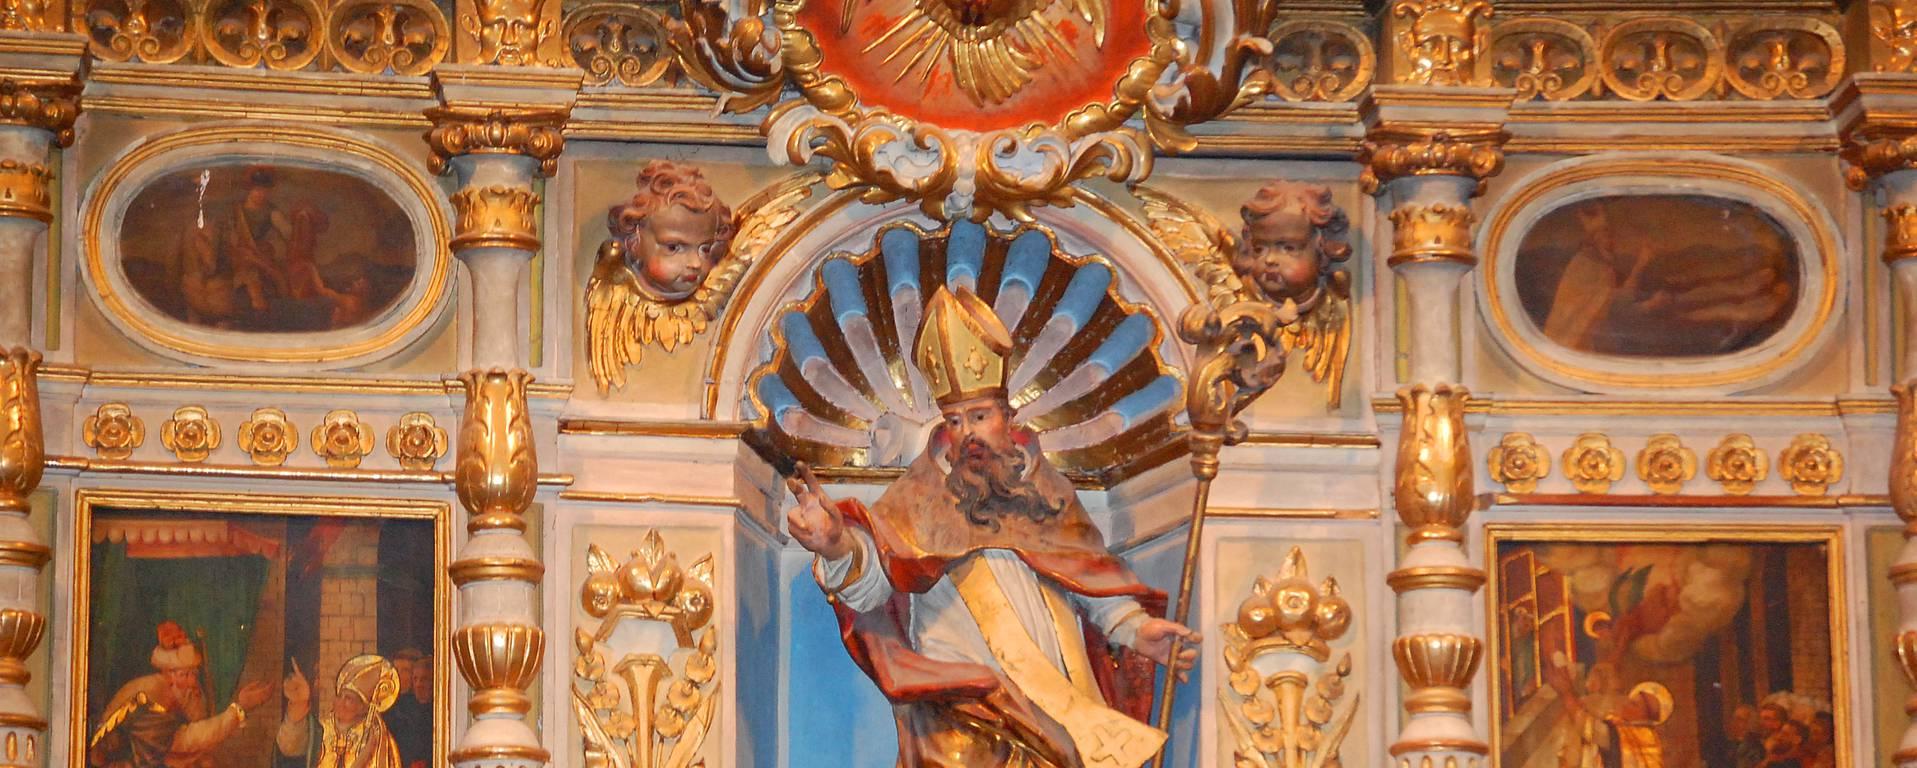 Détail baroque